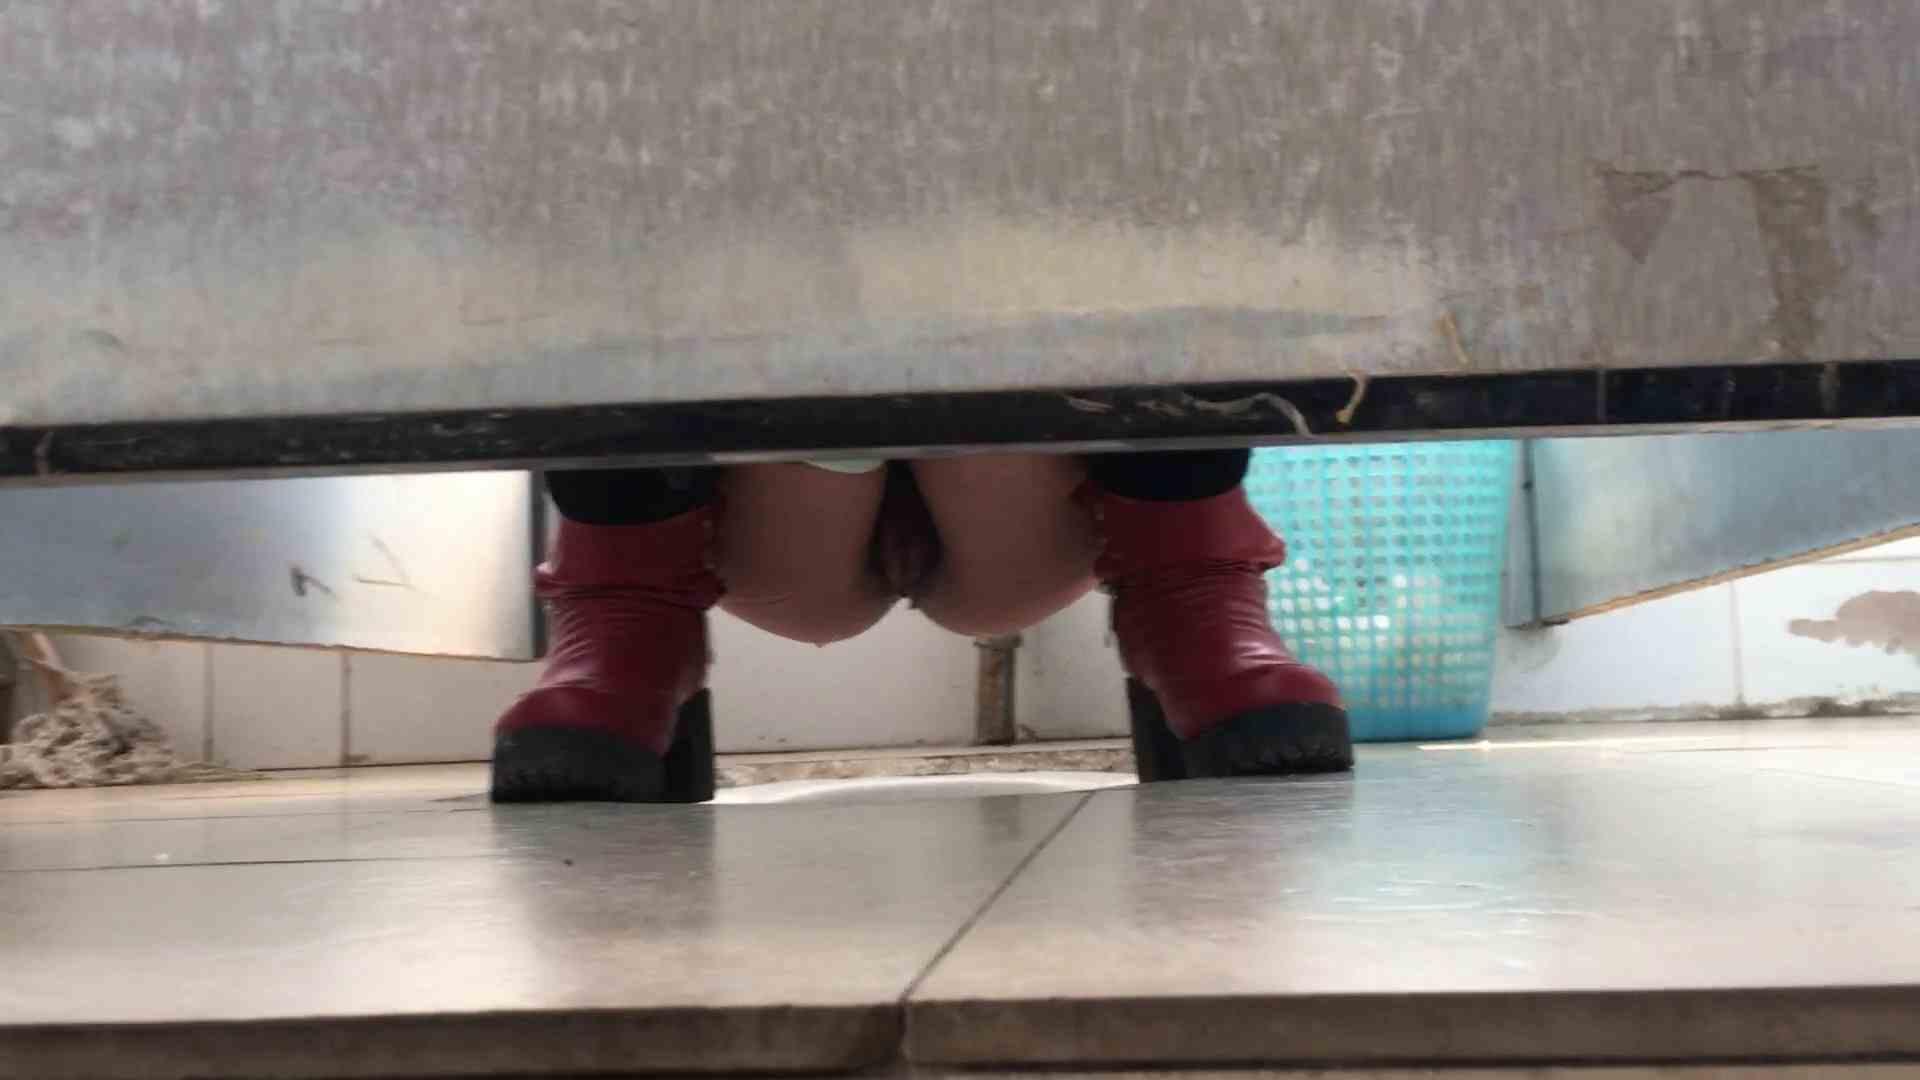 芸術大学ガチ潜入盗撮 JD盗撮 美女の洗面所の秘密 Vol.82 美女のボディ すけべAV動画紹介 83PIX 22